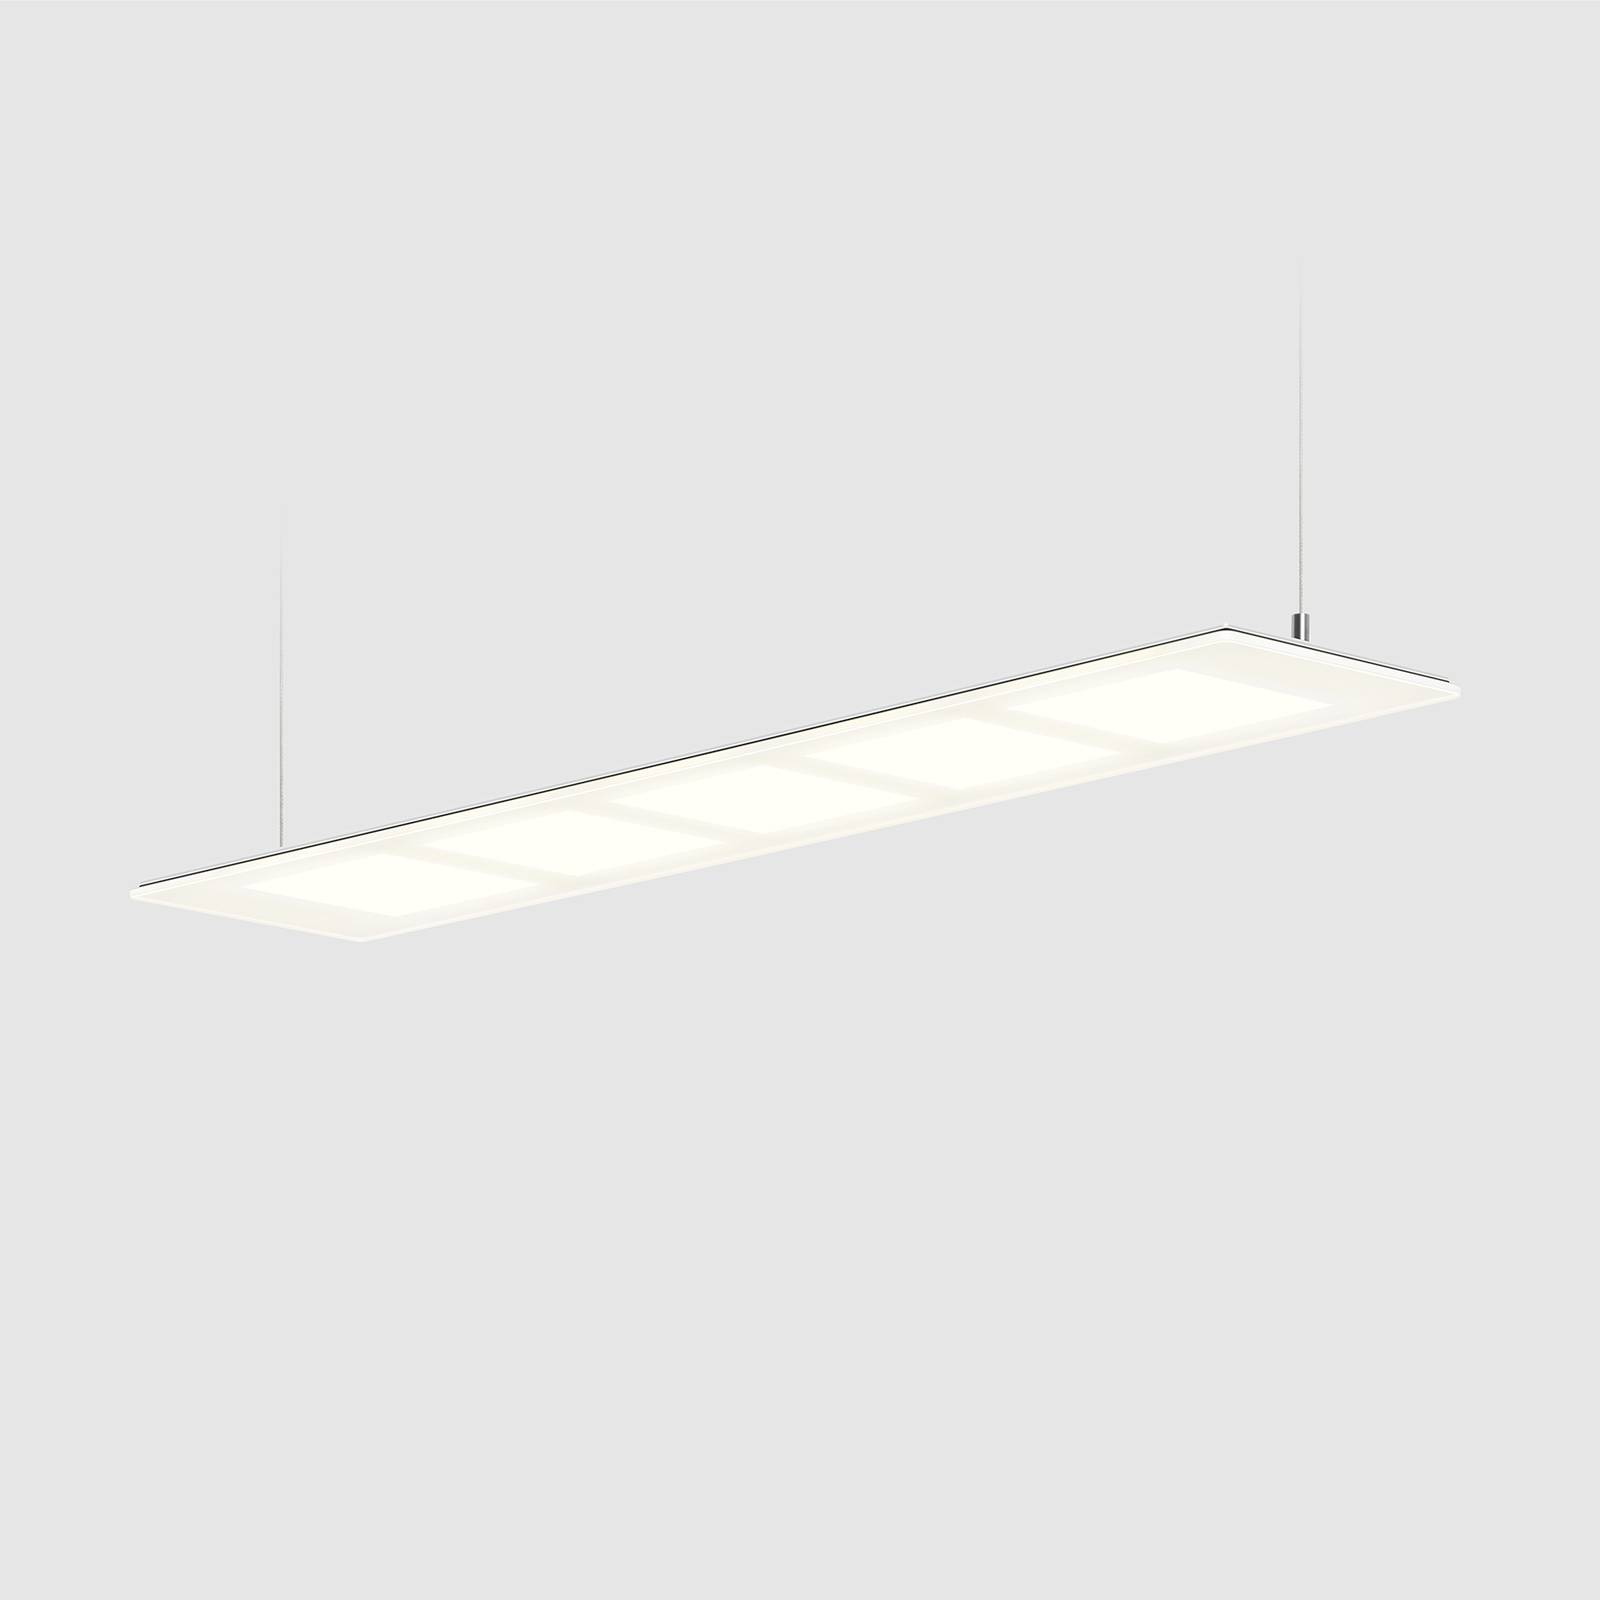 Valkoinen OLED-riippuvalaisin OMLED One s5